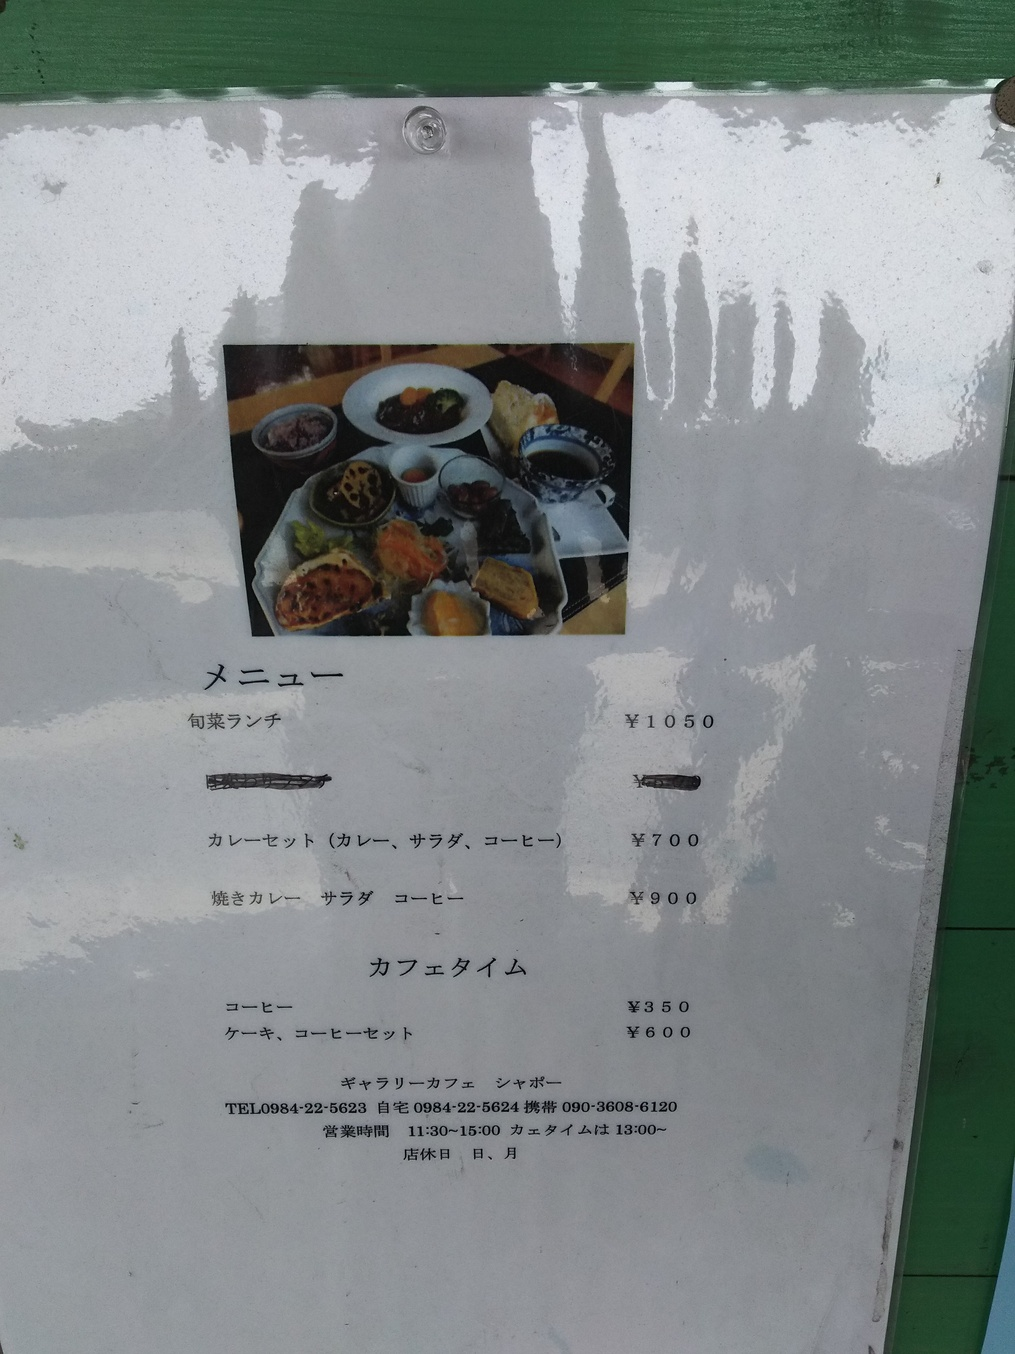 ギャラリーカフェ シャポー